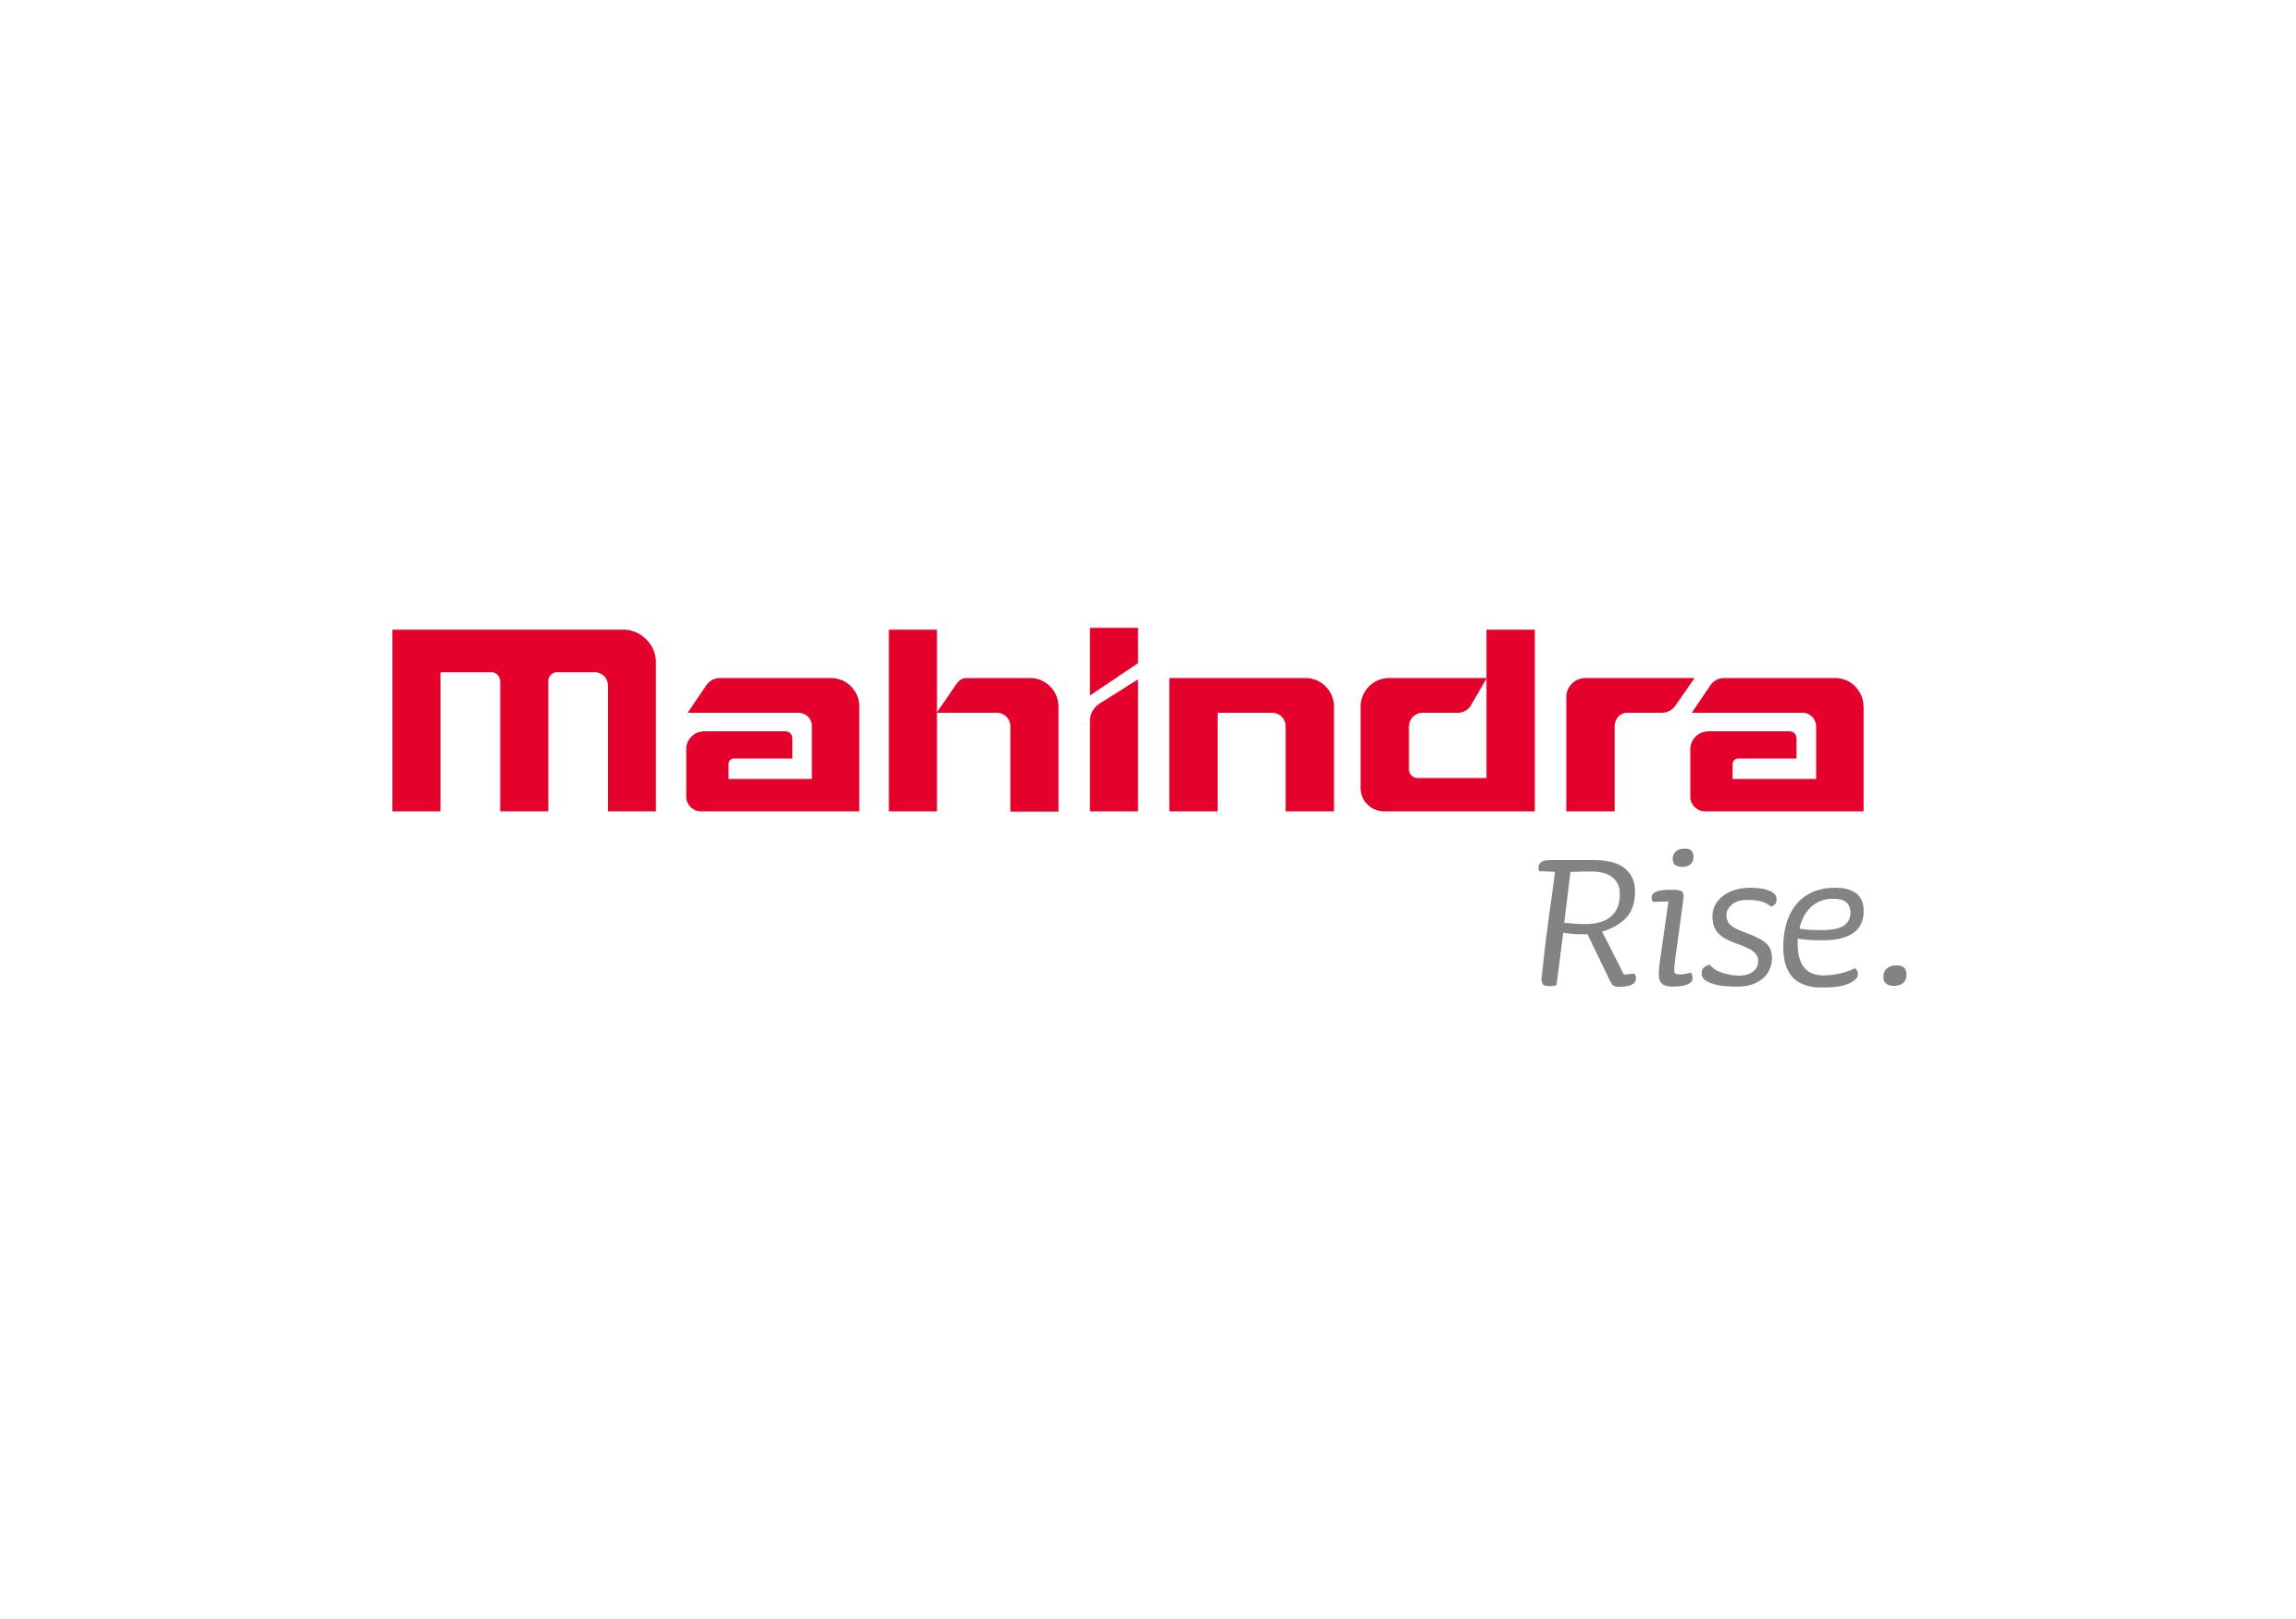 comicom-lance-la-marque-mahindra-au-maroc-avec-une-nouvelle-gamme-de-vehicules